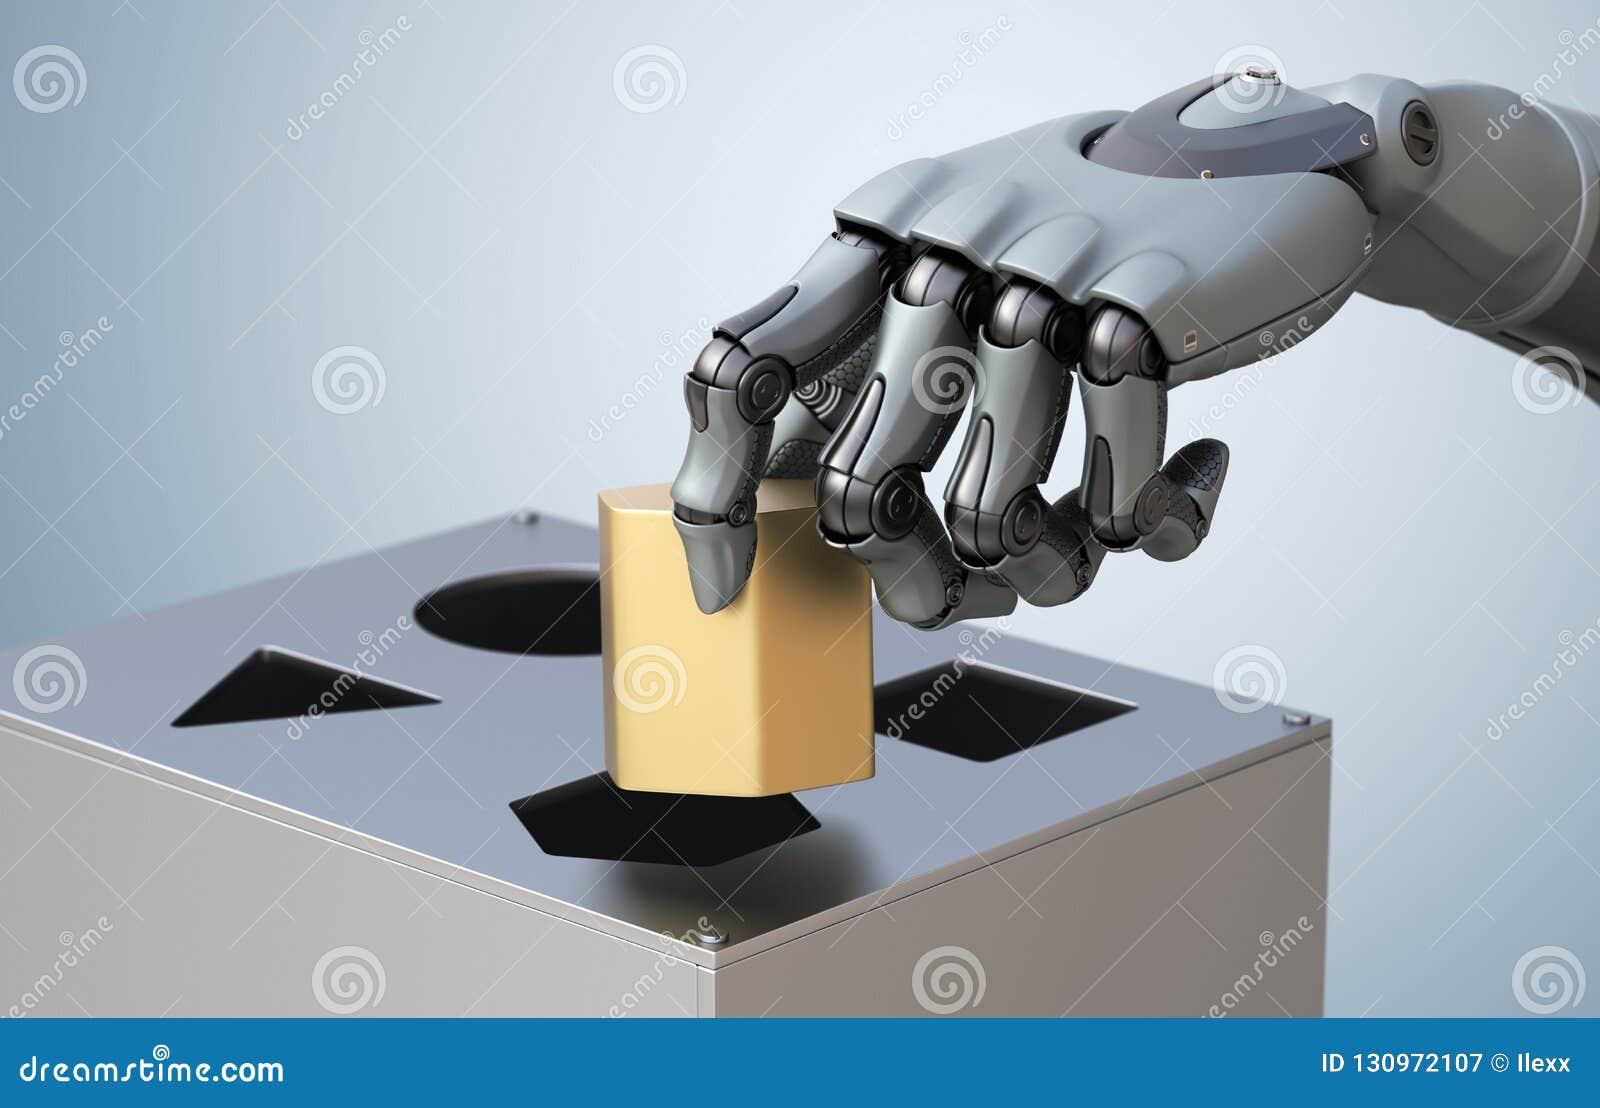 有逻辑箱子的机器人手